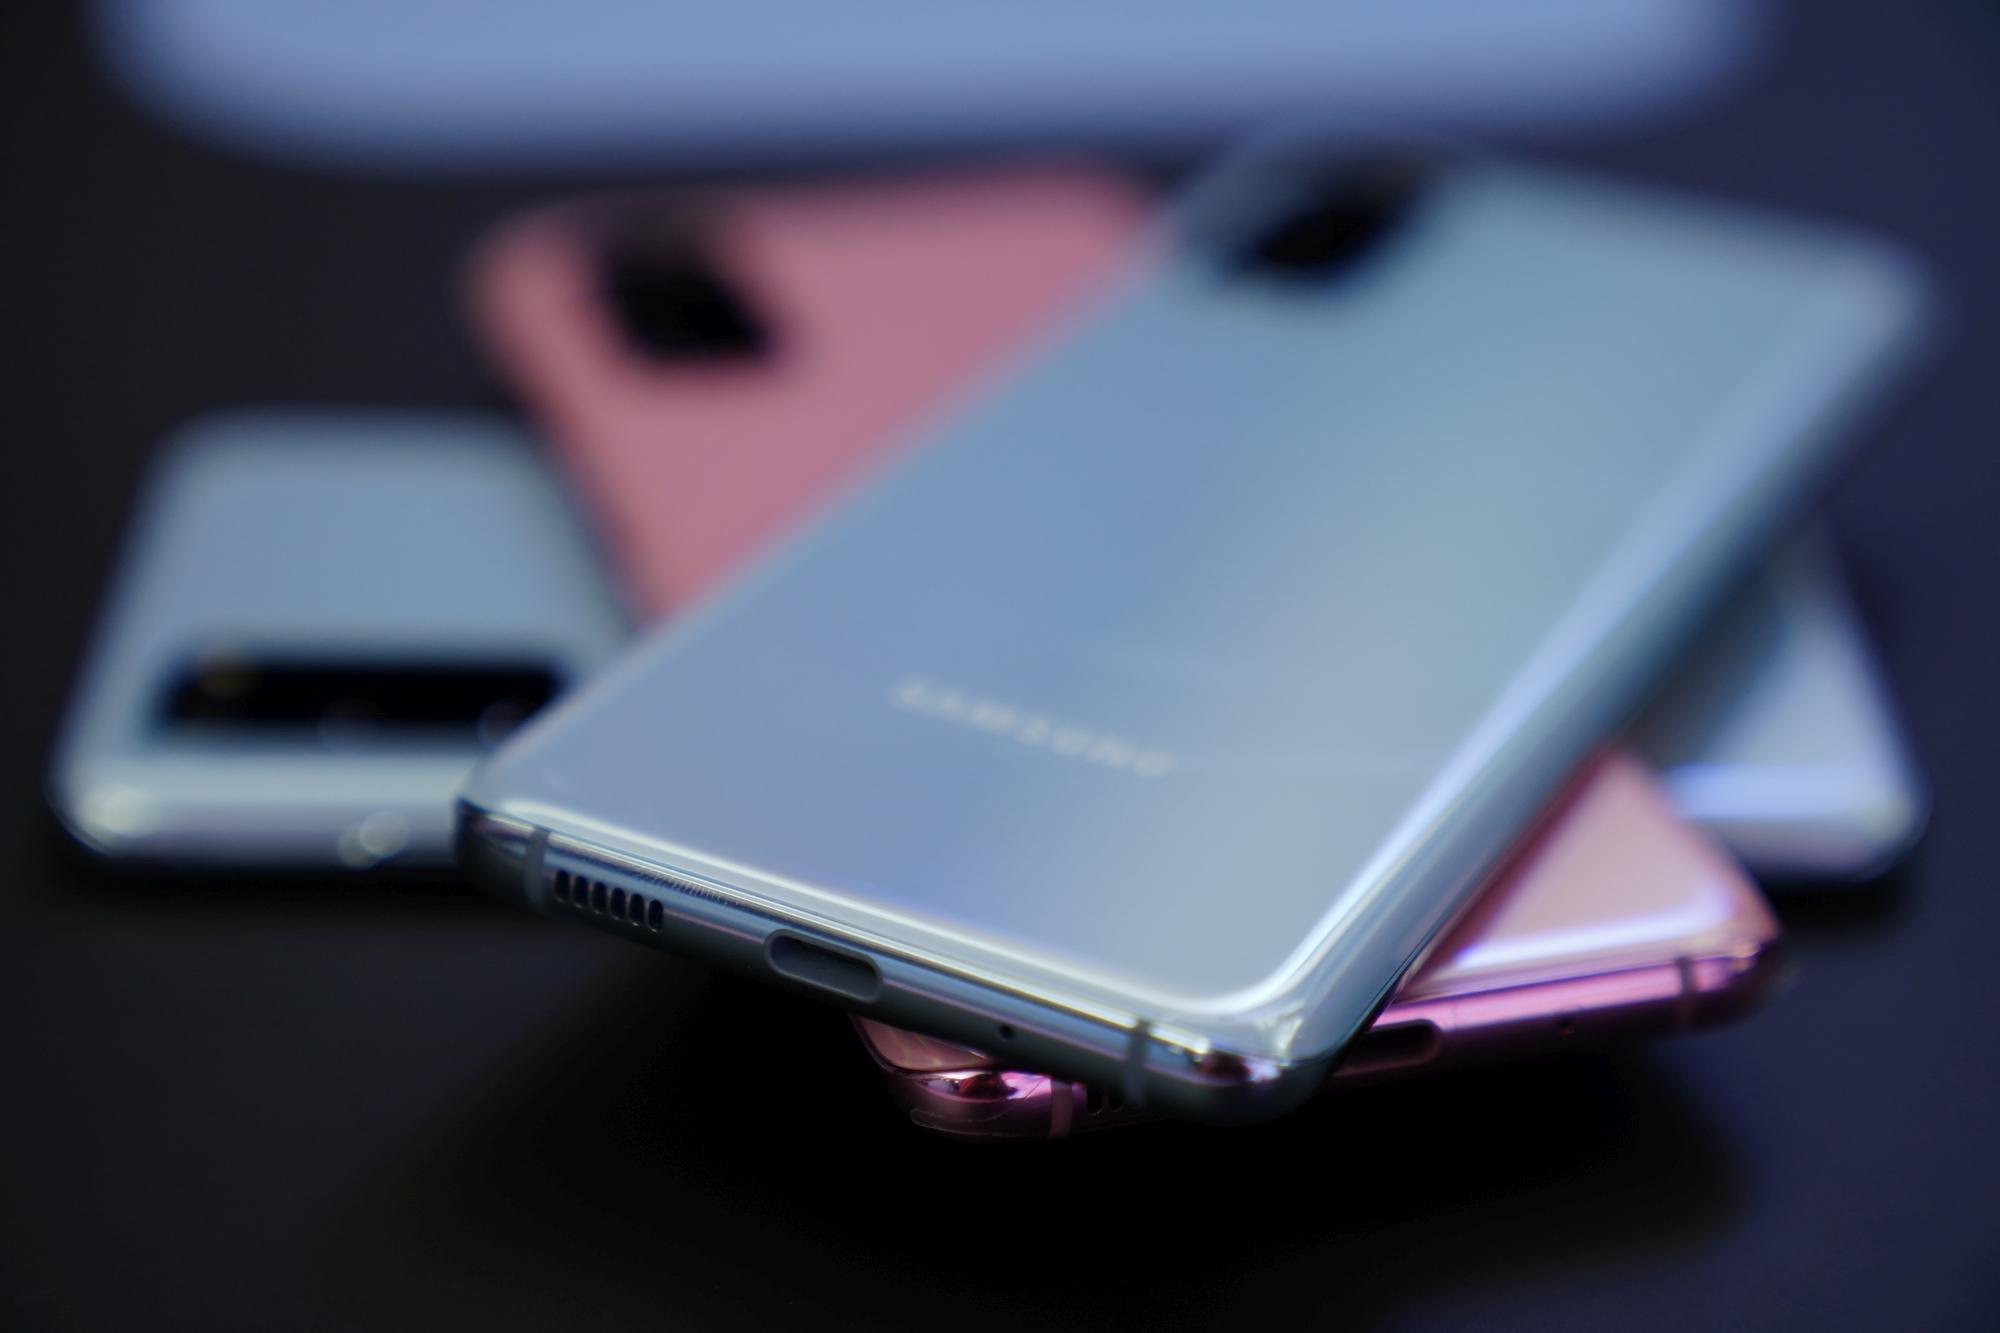 Samsung Galaxy S20 dopiero zadebiutował, a już można go kupić 300 złotych taniej